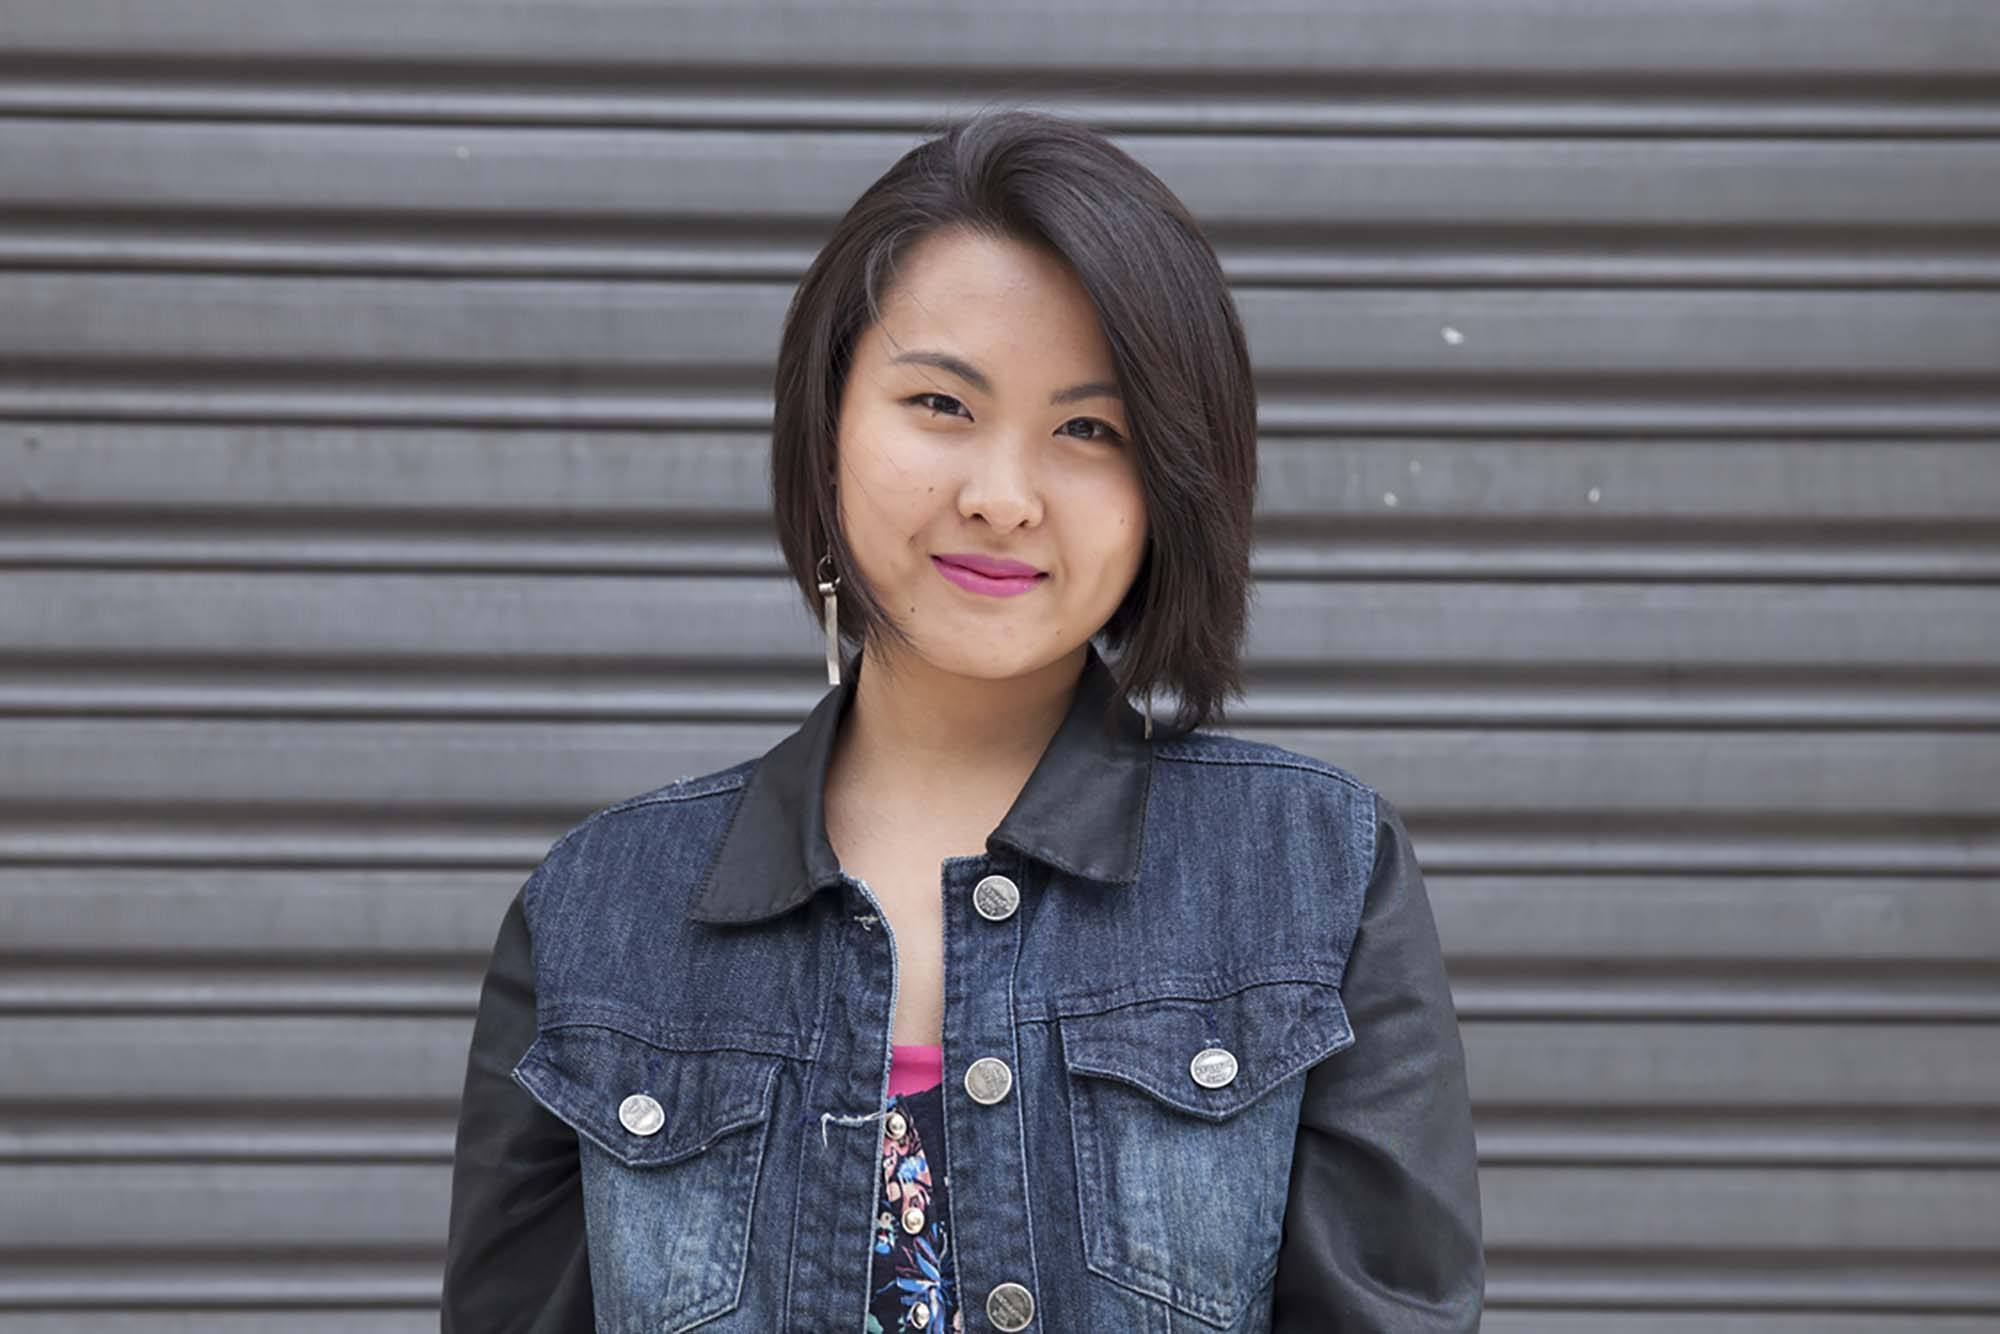 Coiffures asiatiques ; femme asiatique avec un bob droit brun foncé avec des couches douces.